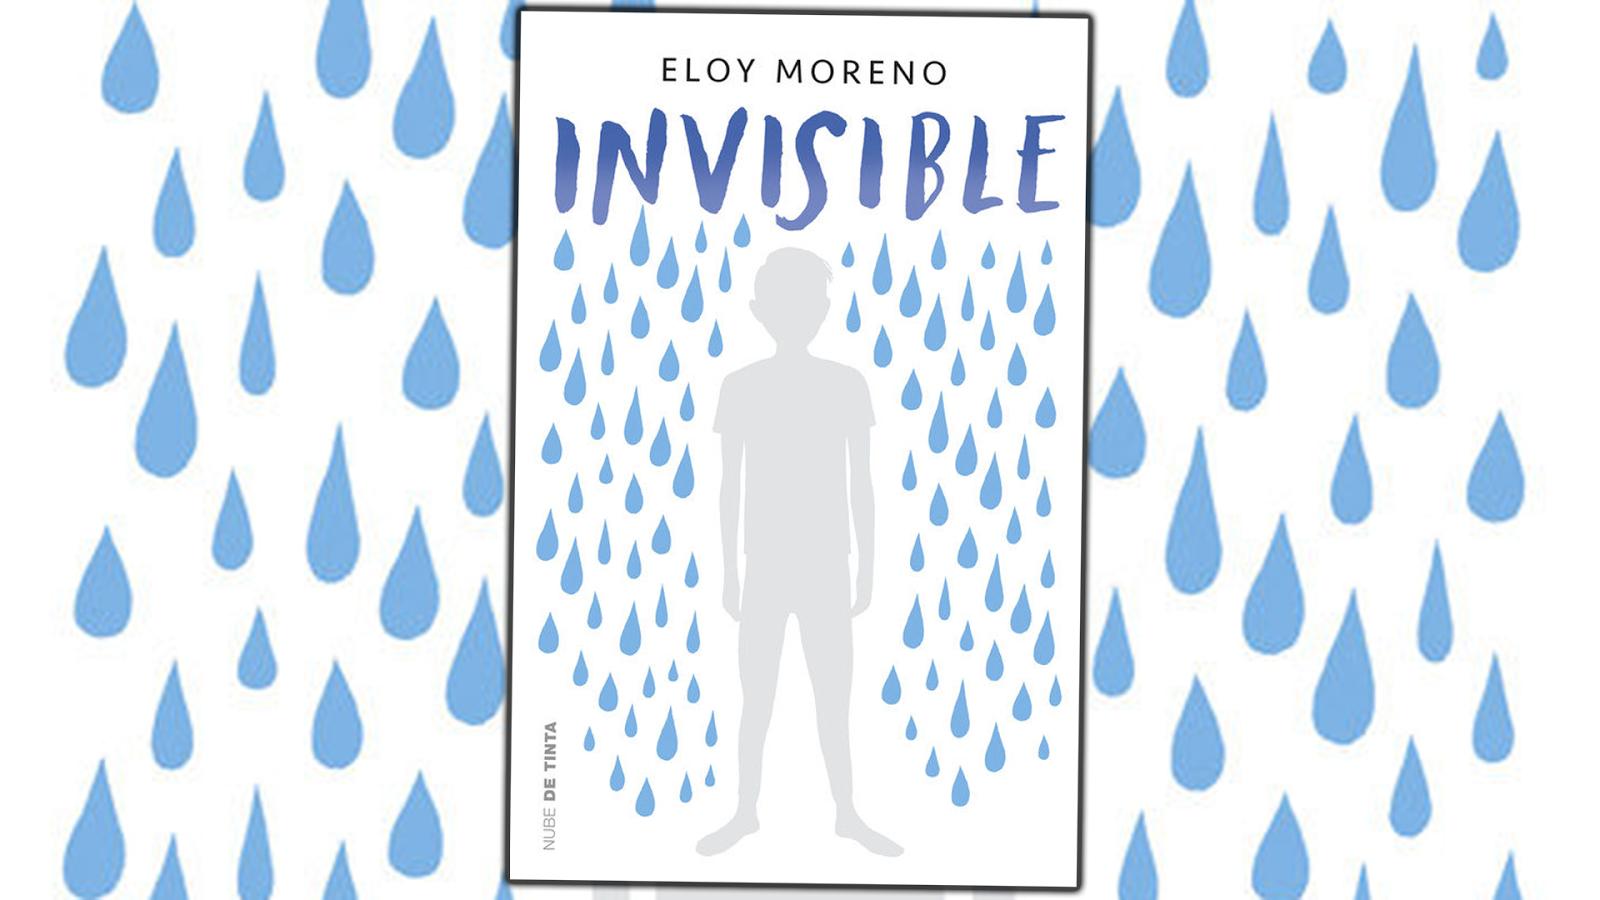 Reseña: \'Invisible\', una novela diferente y conmovedora | El ...